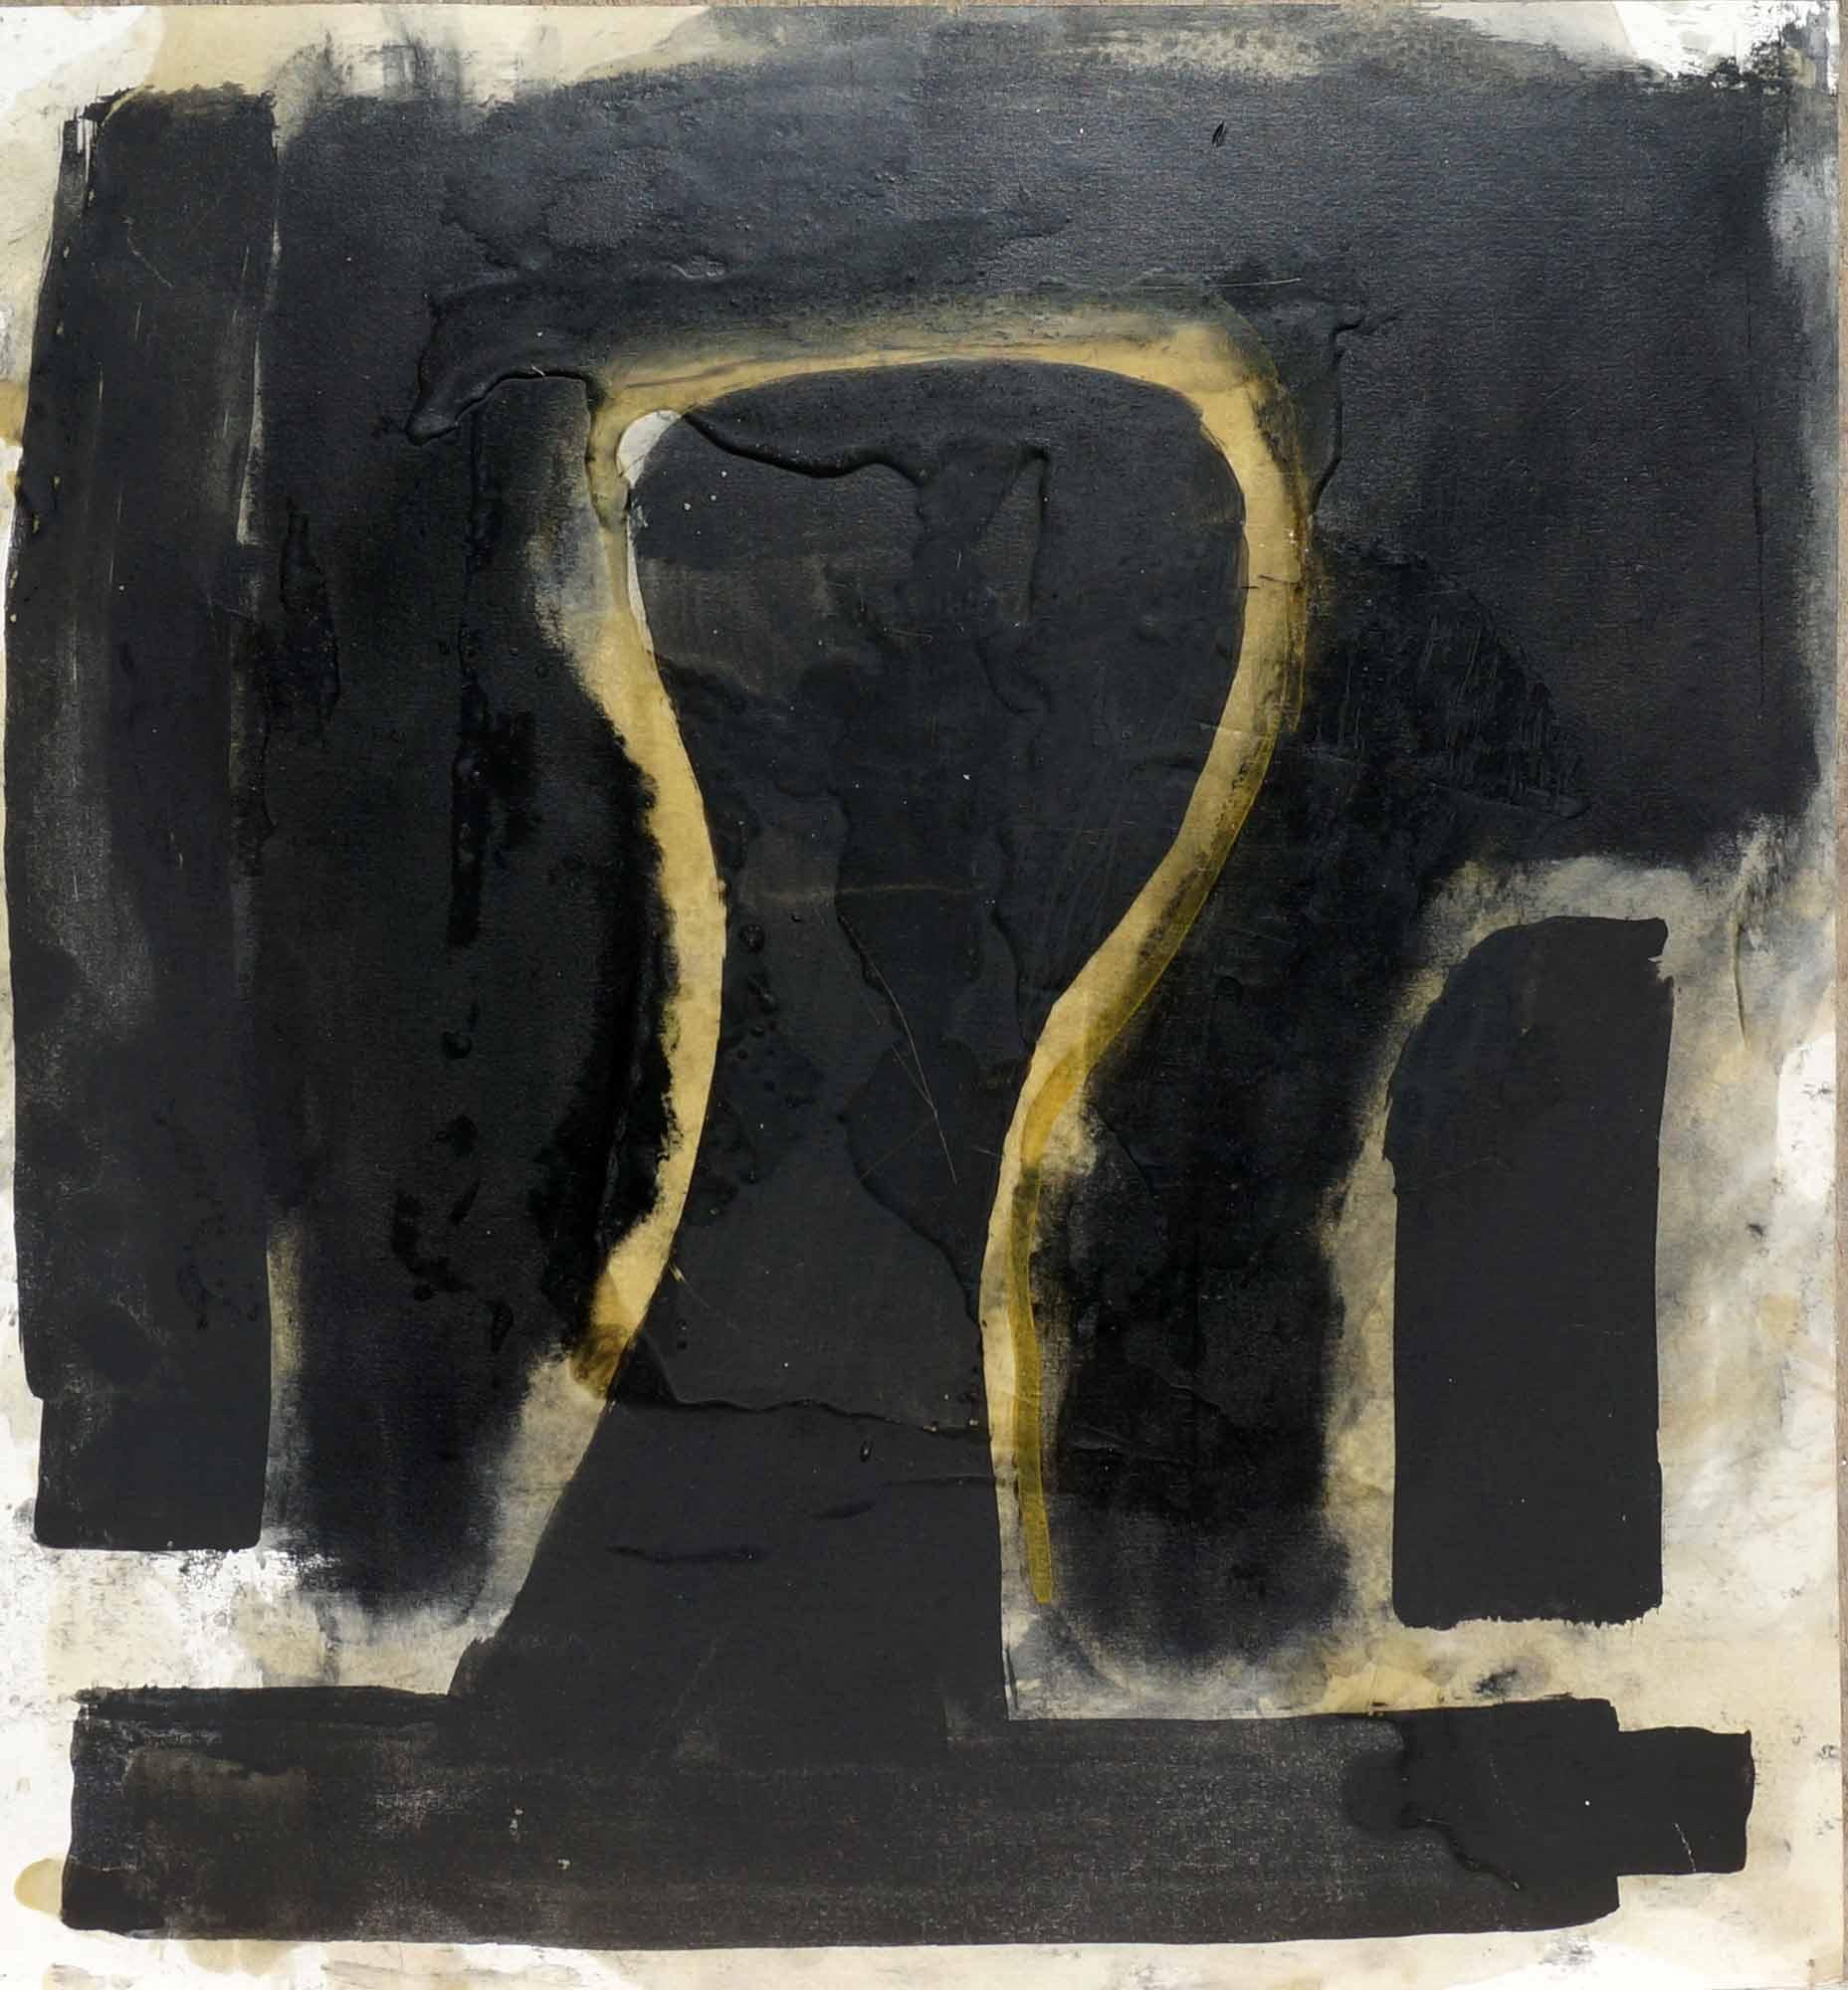 Clef de voute - 1987 – Pigment, cire. 43 x 39 cm. Denis Falgoux.